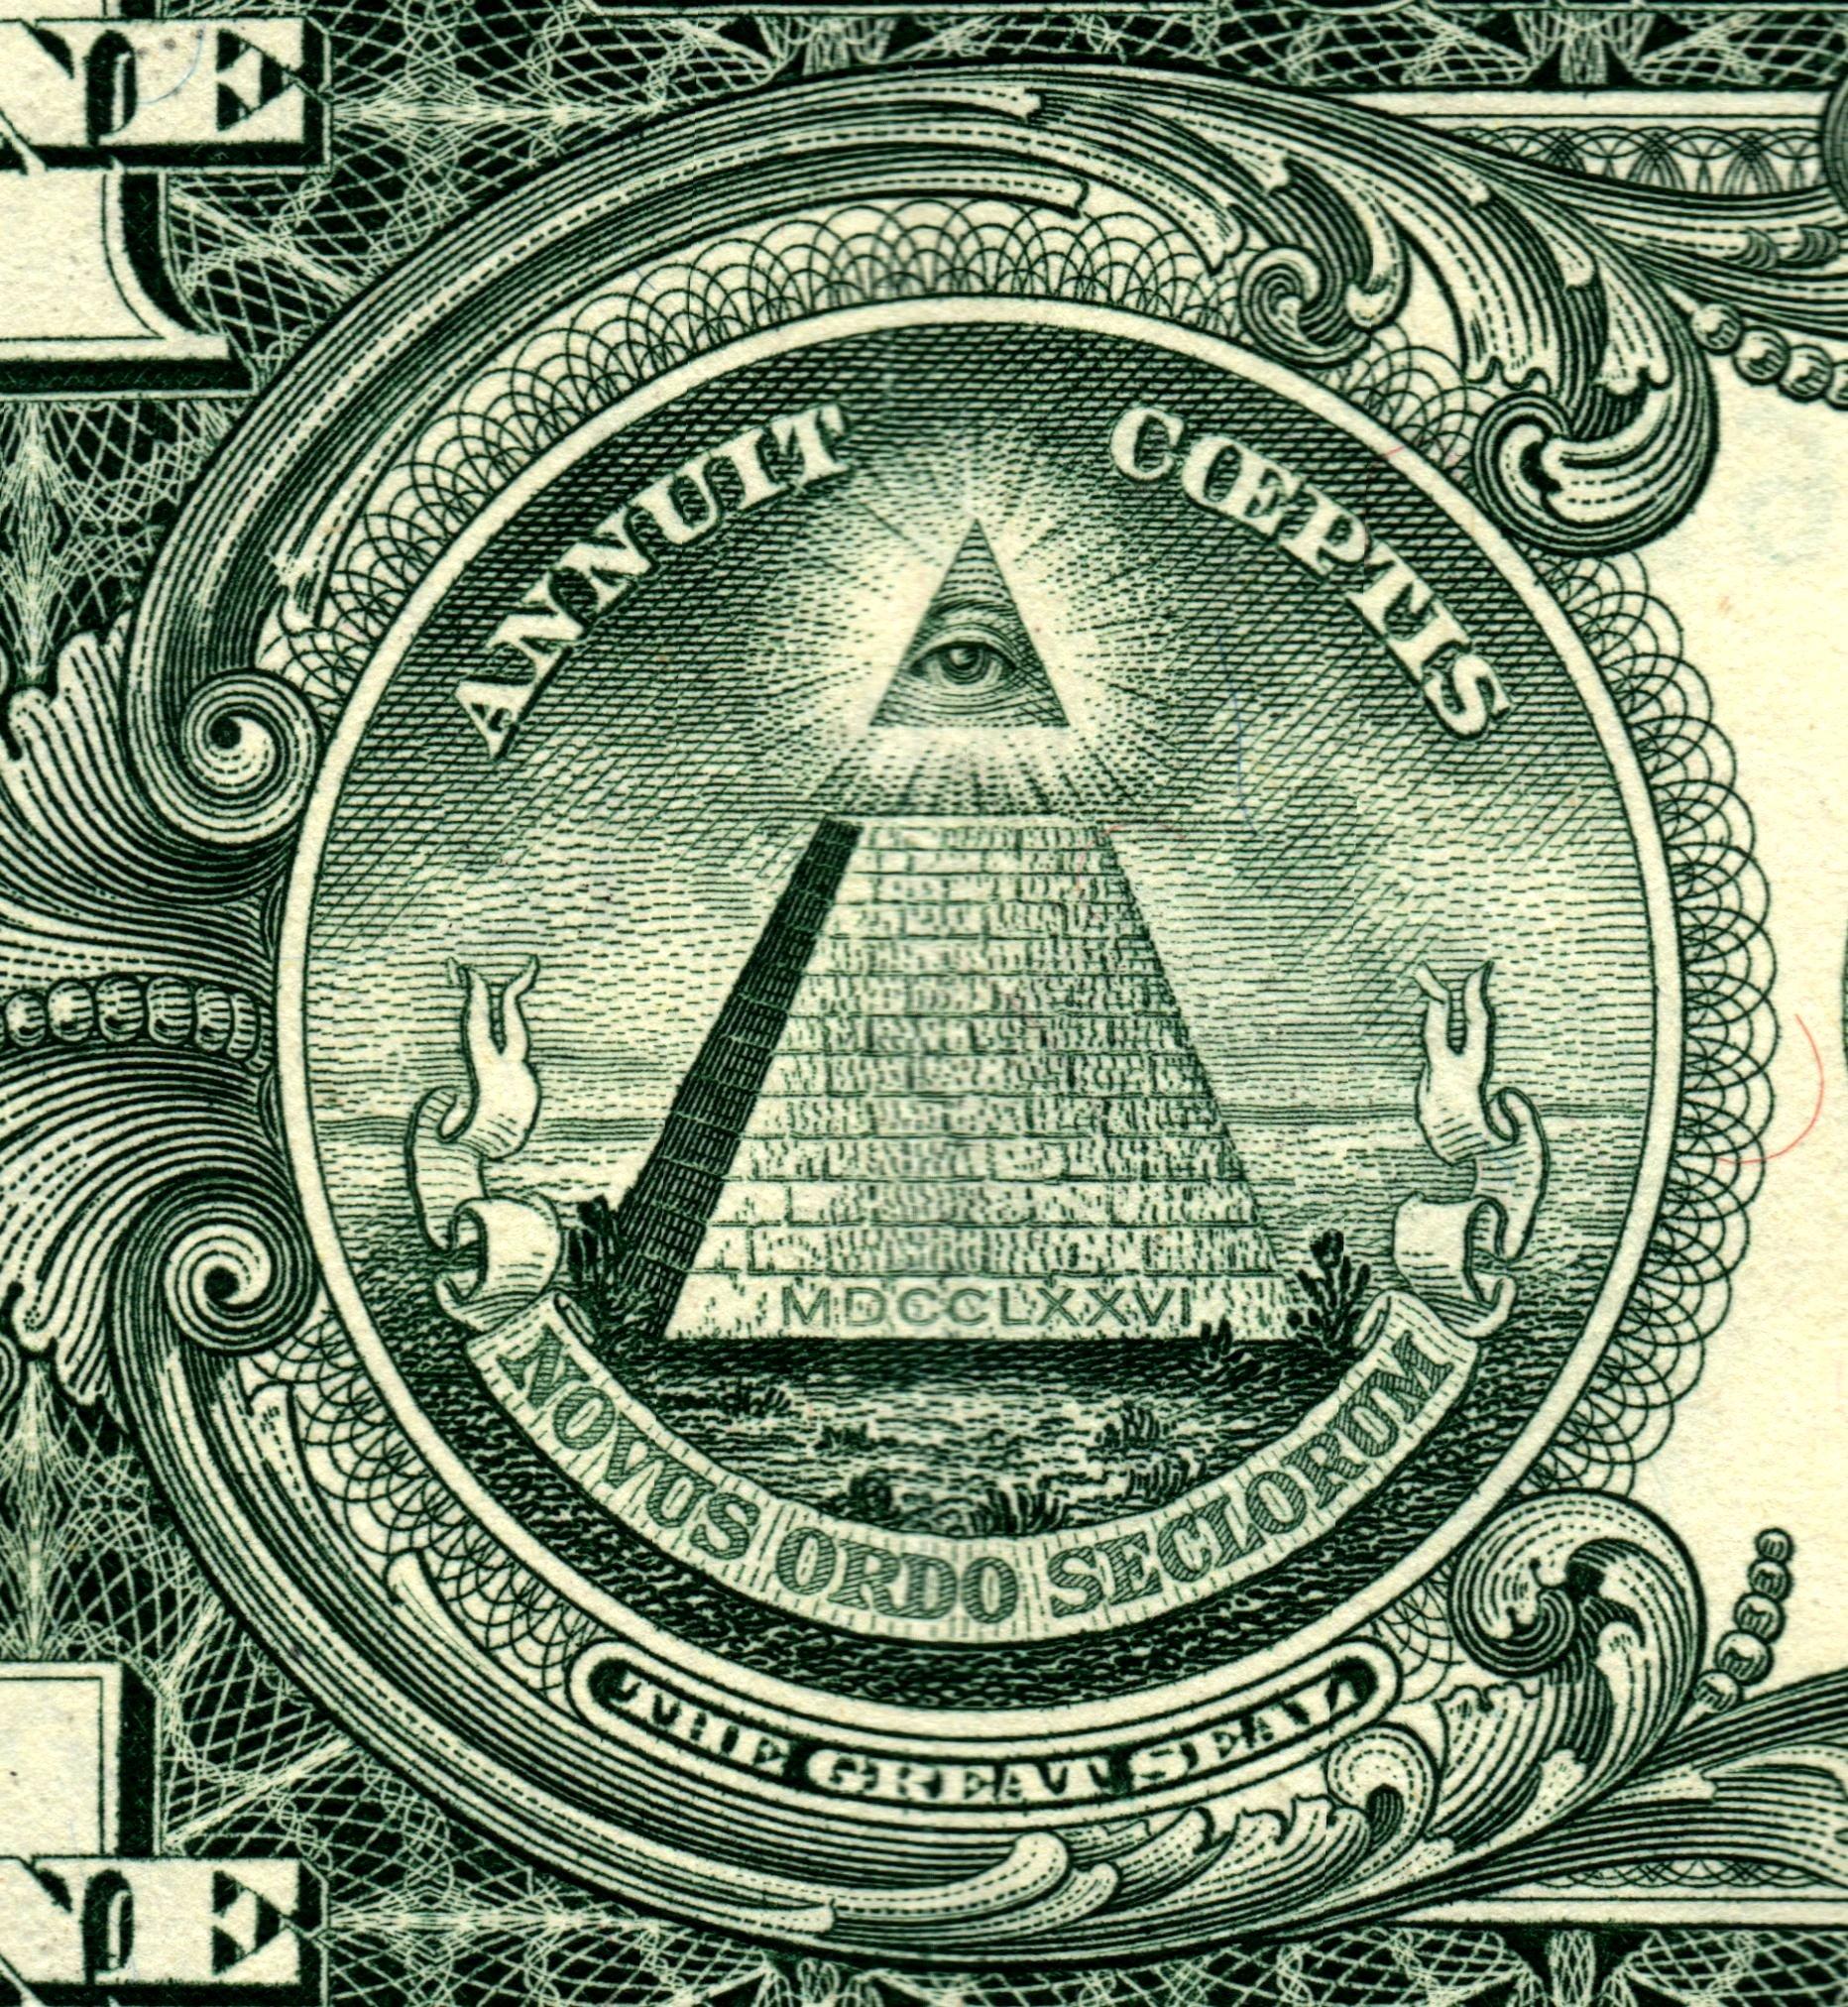 Drawn pyramid dollar bill pyramid One the 'eye of of